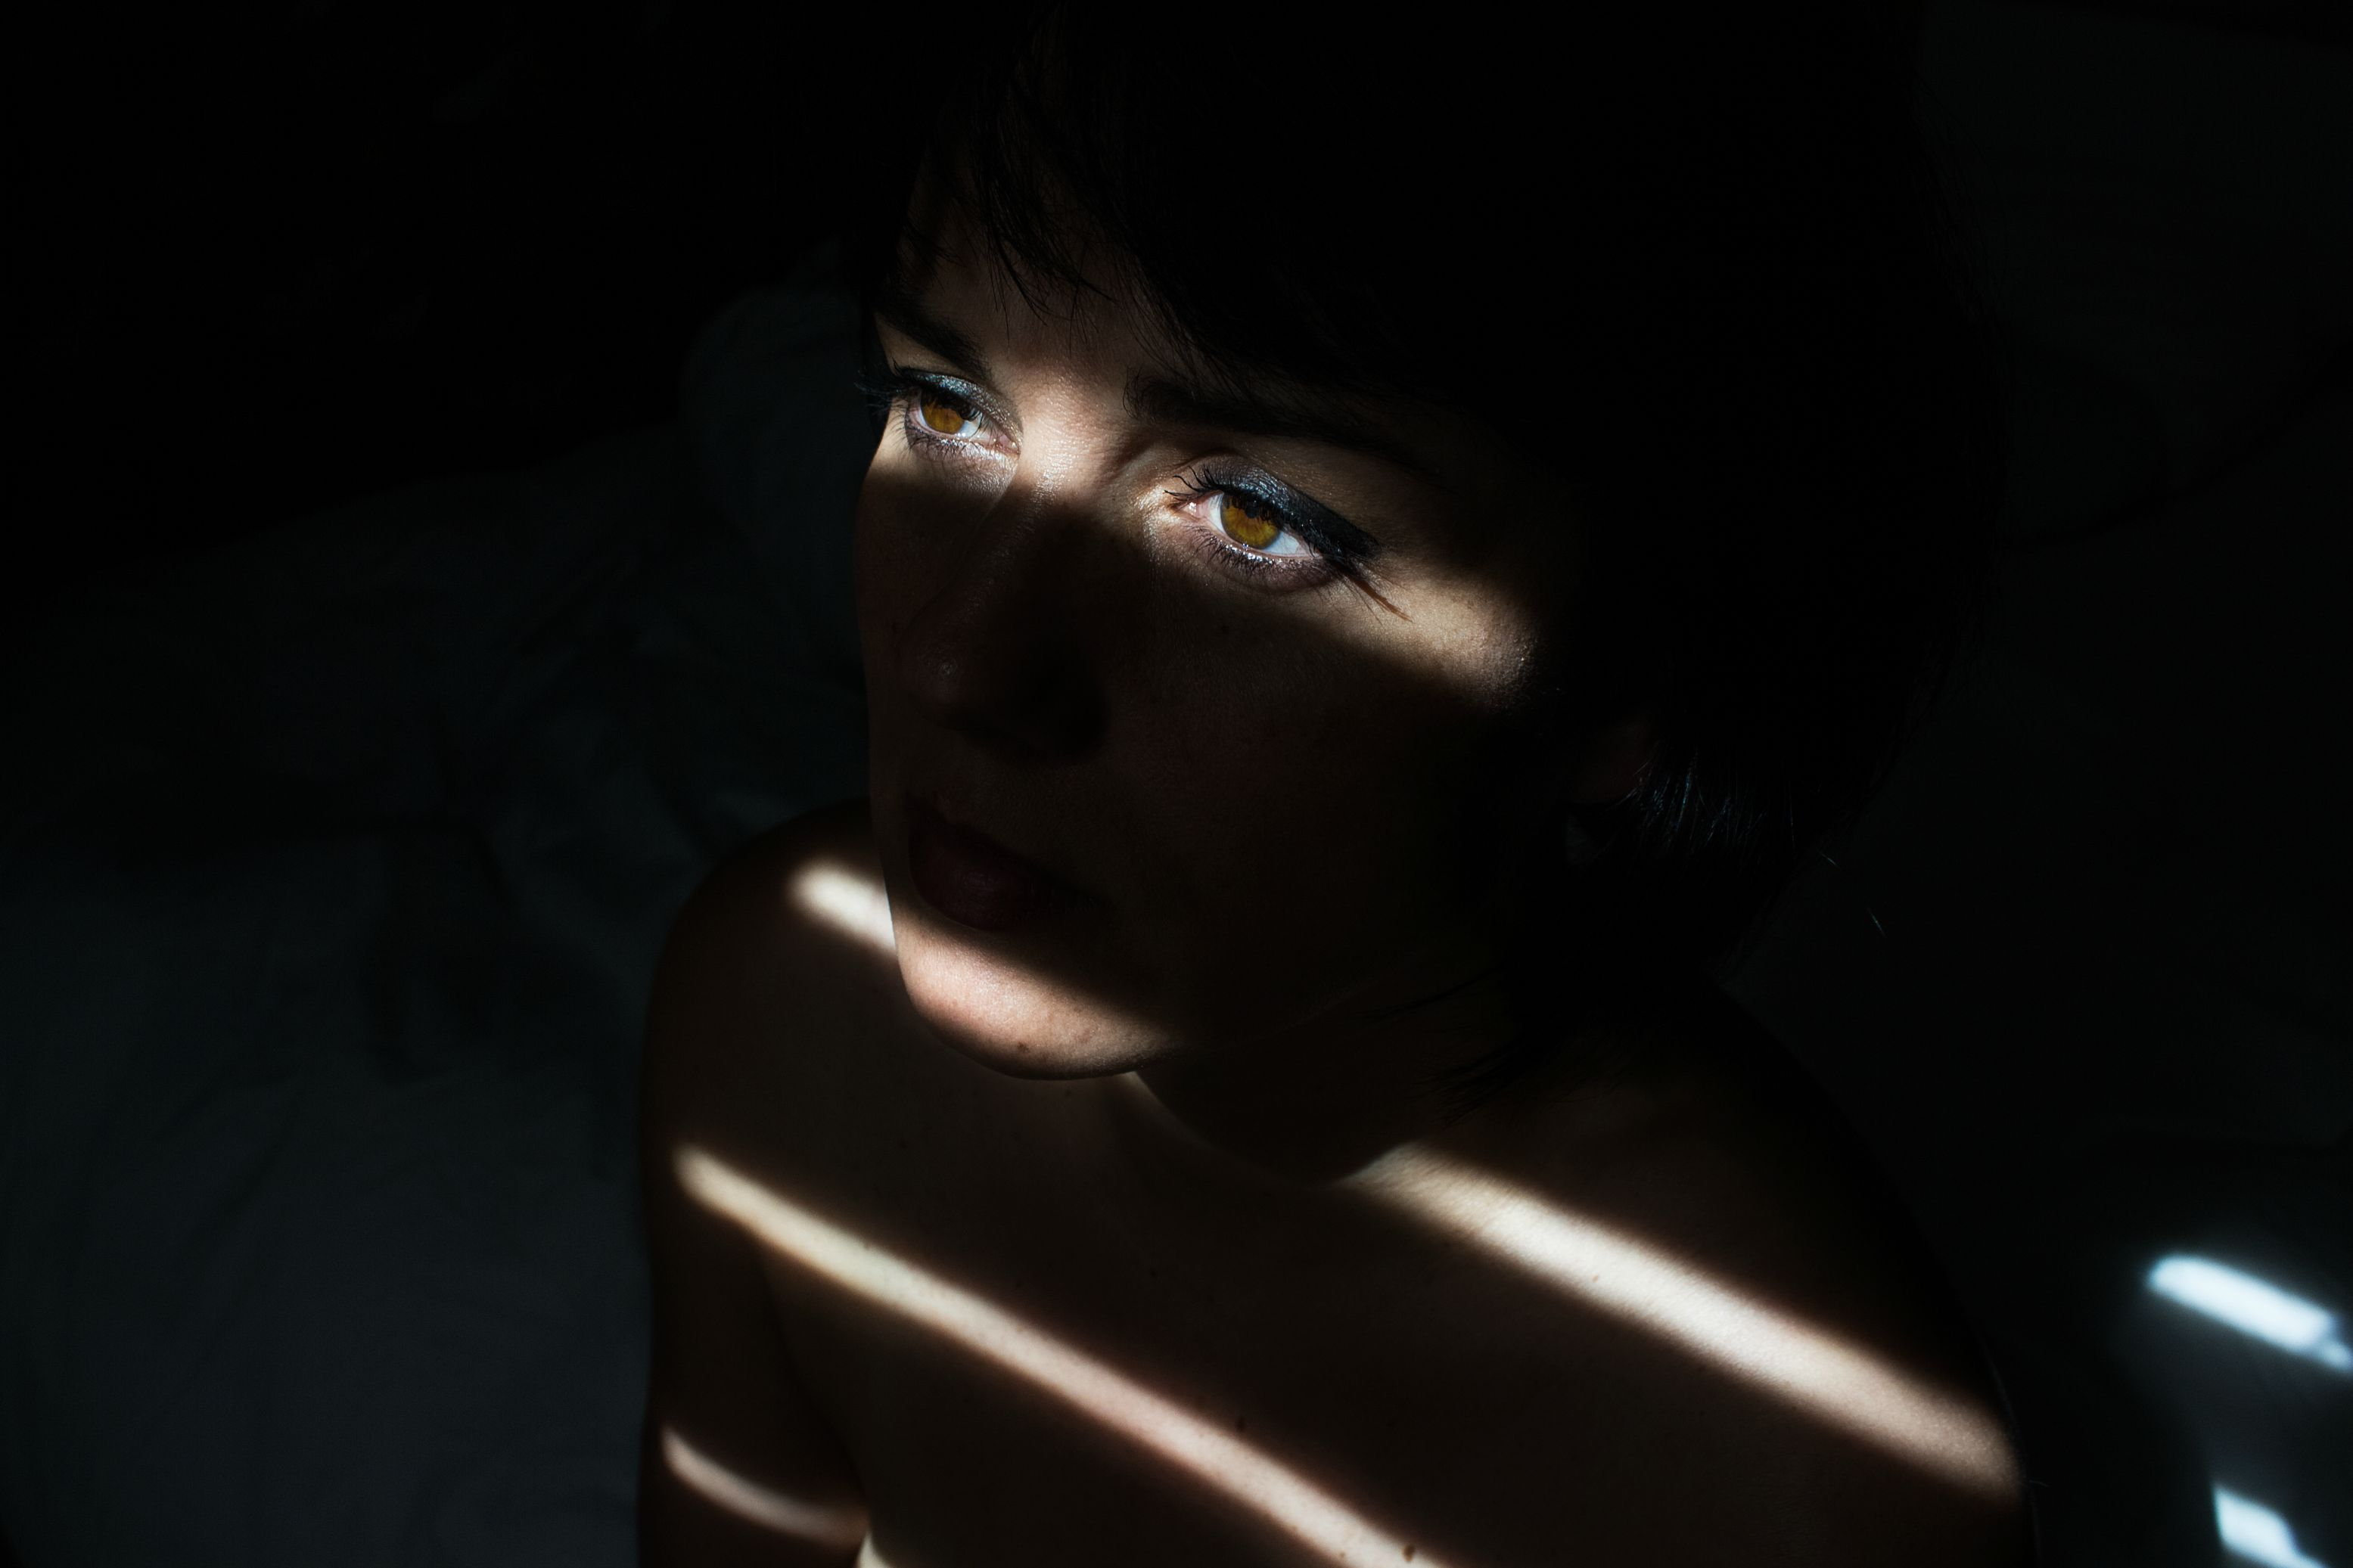 картинки про лица в тени сегодняшний день мужчина